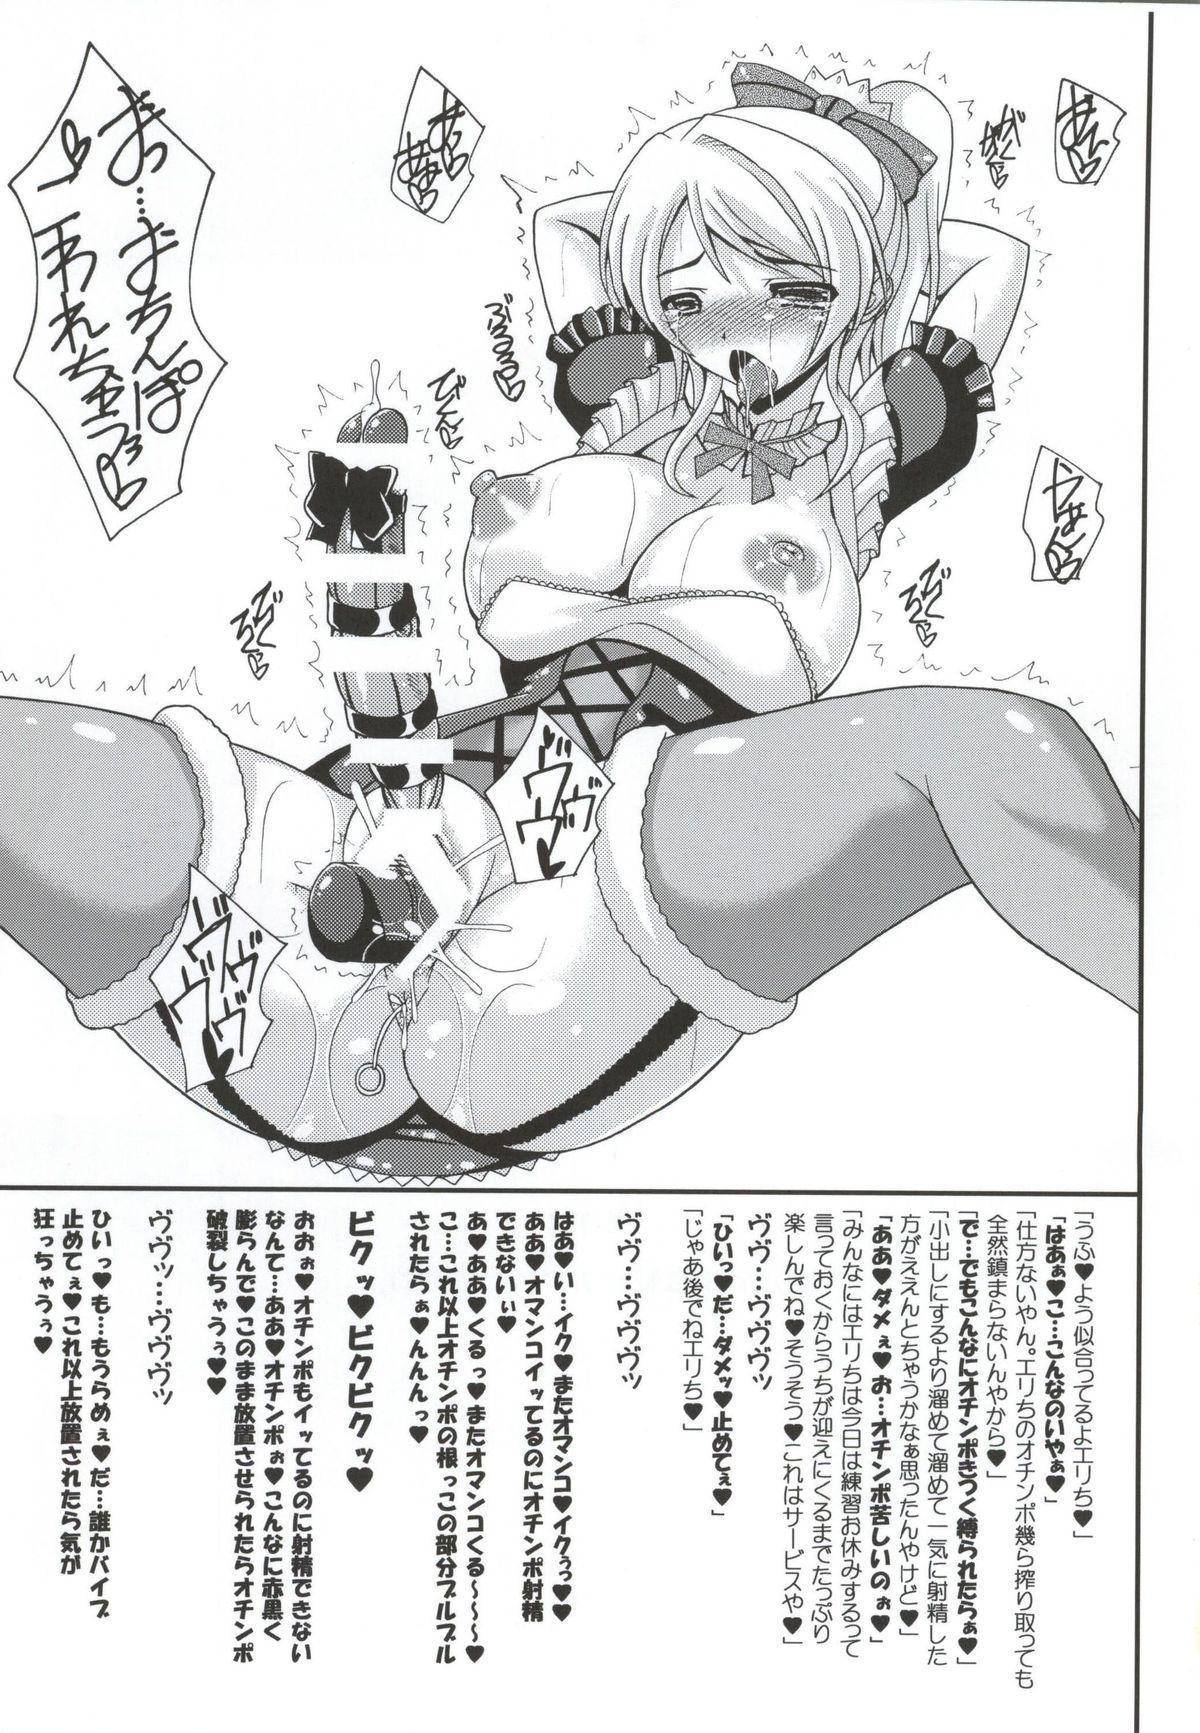 Erichi no Shasei Kanri wa Uchi no Shigoto yane! 27